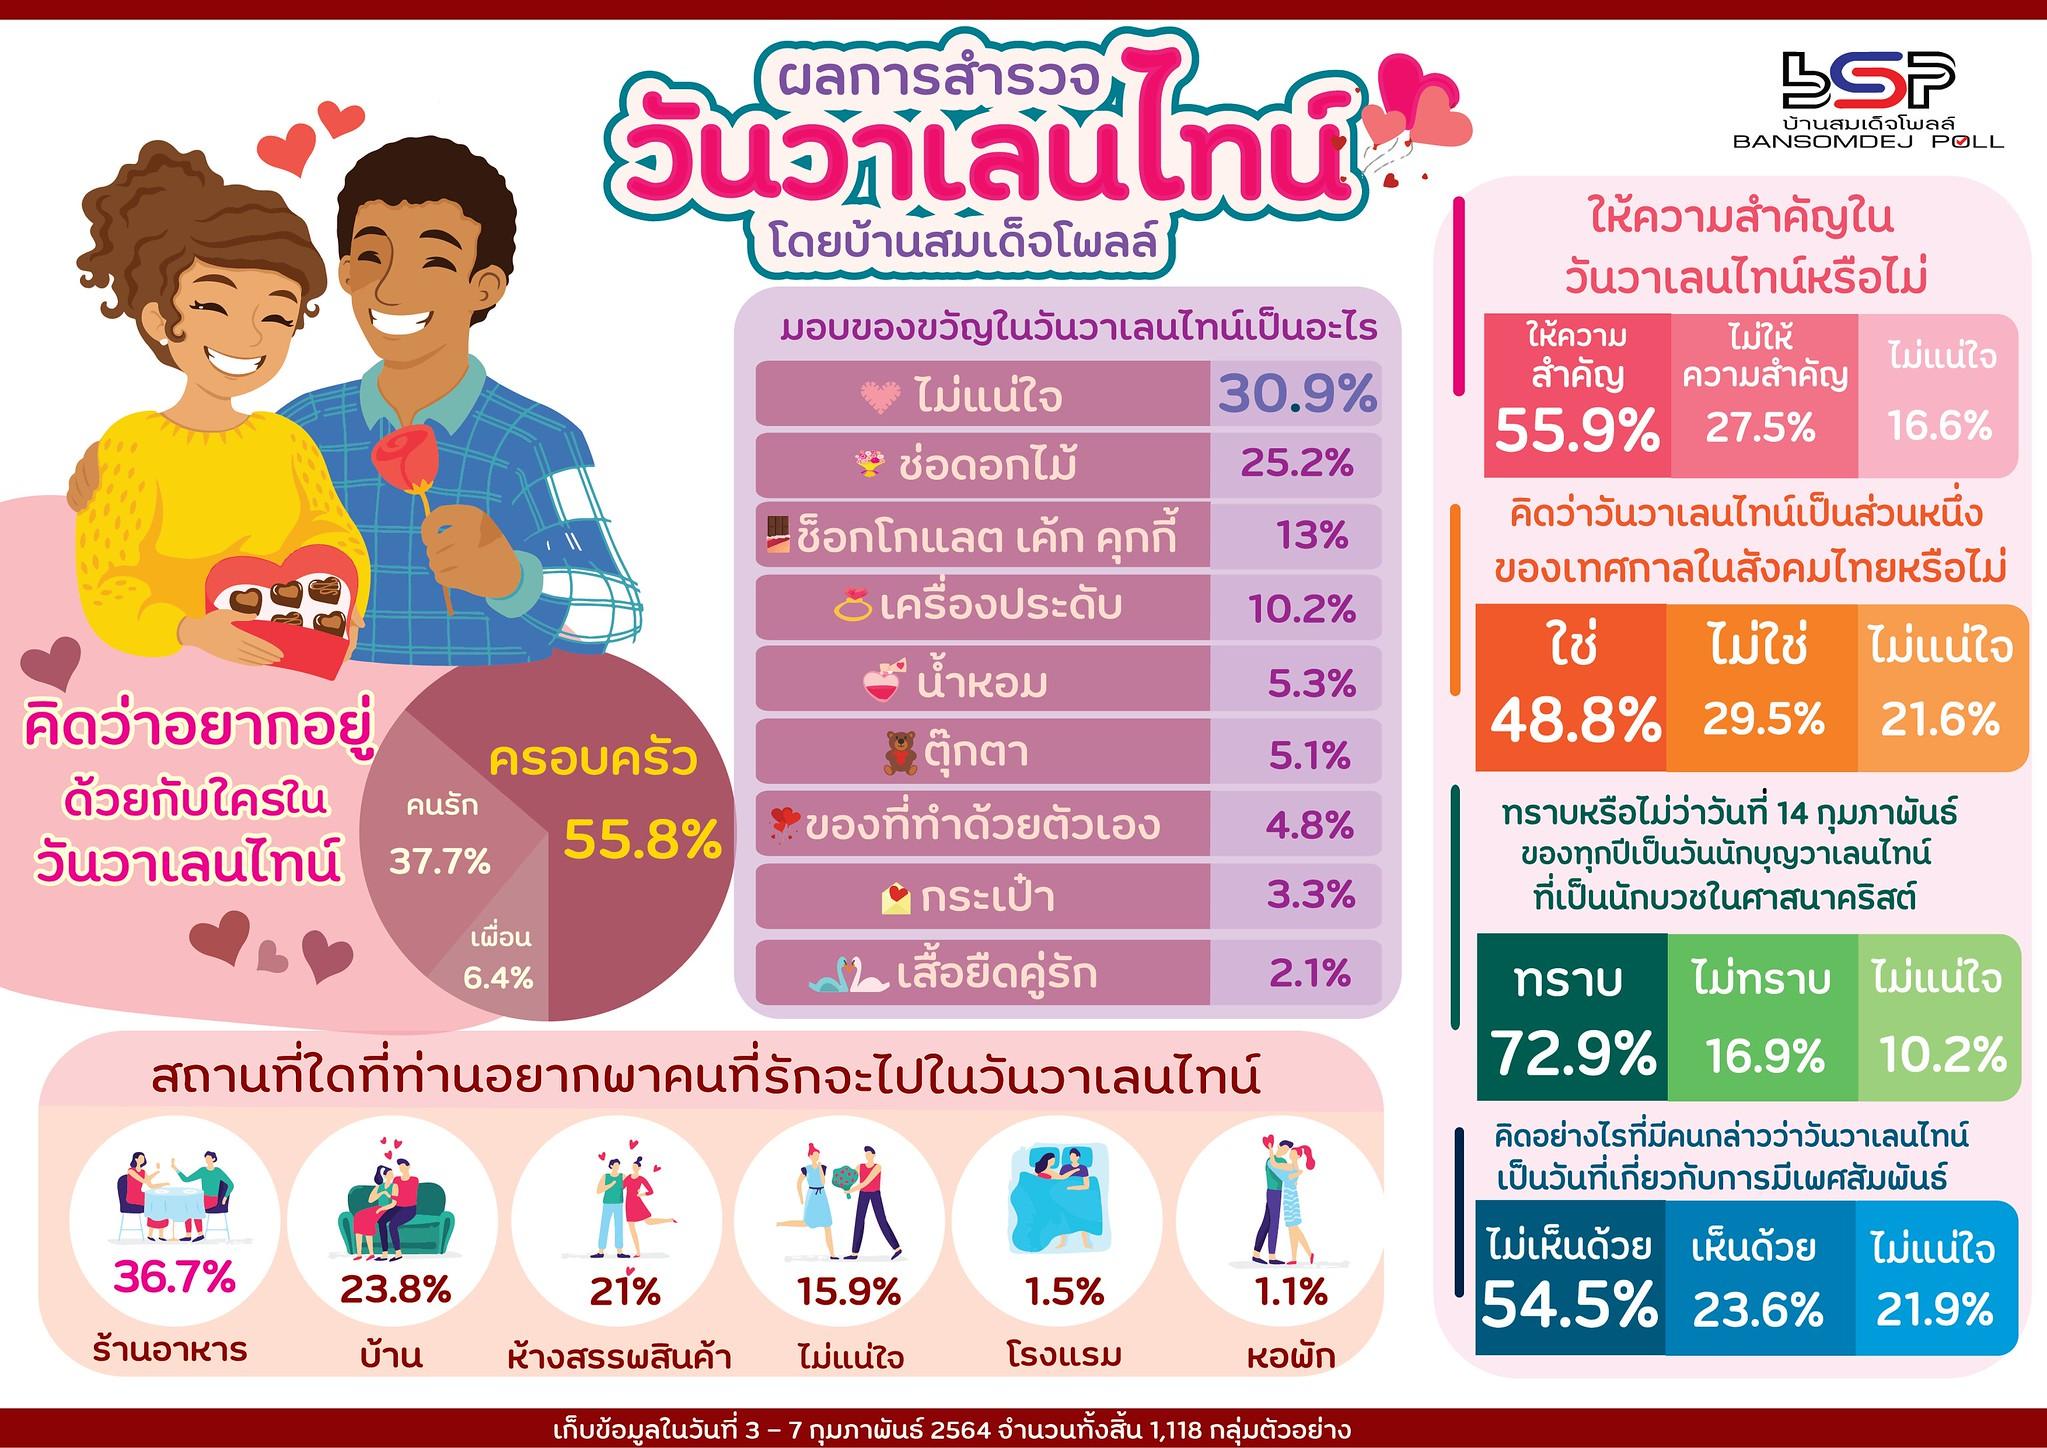 โพลสำรวจคน กทม. 54.5% ไม่เห็นด้วยวาเลนไทน์เป็นวันที่เกี่ยวกับเพศสัมพันธ์